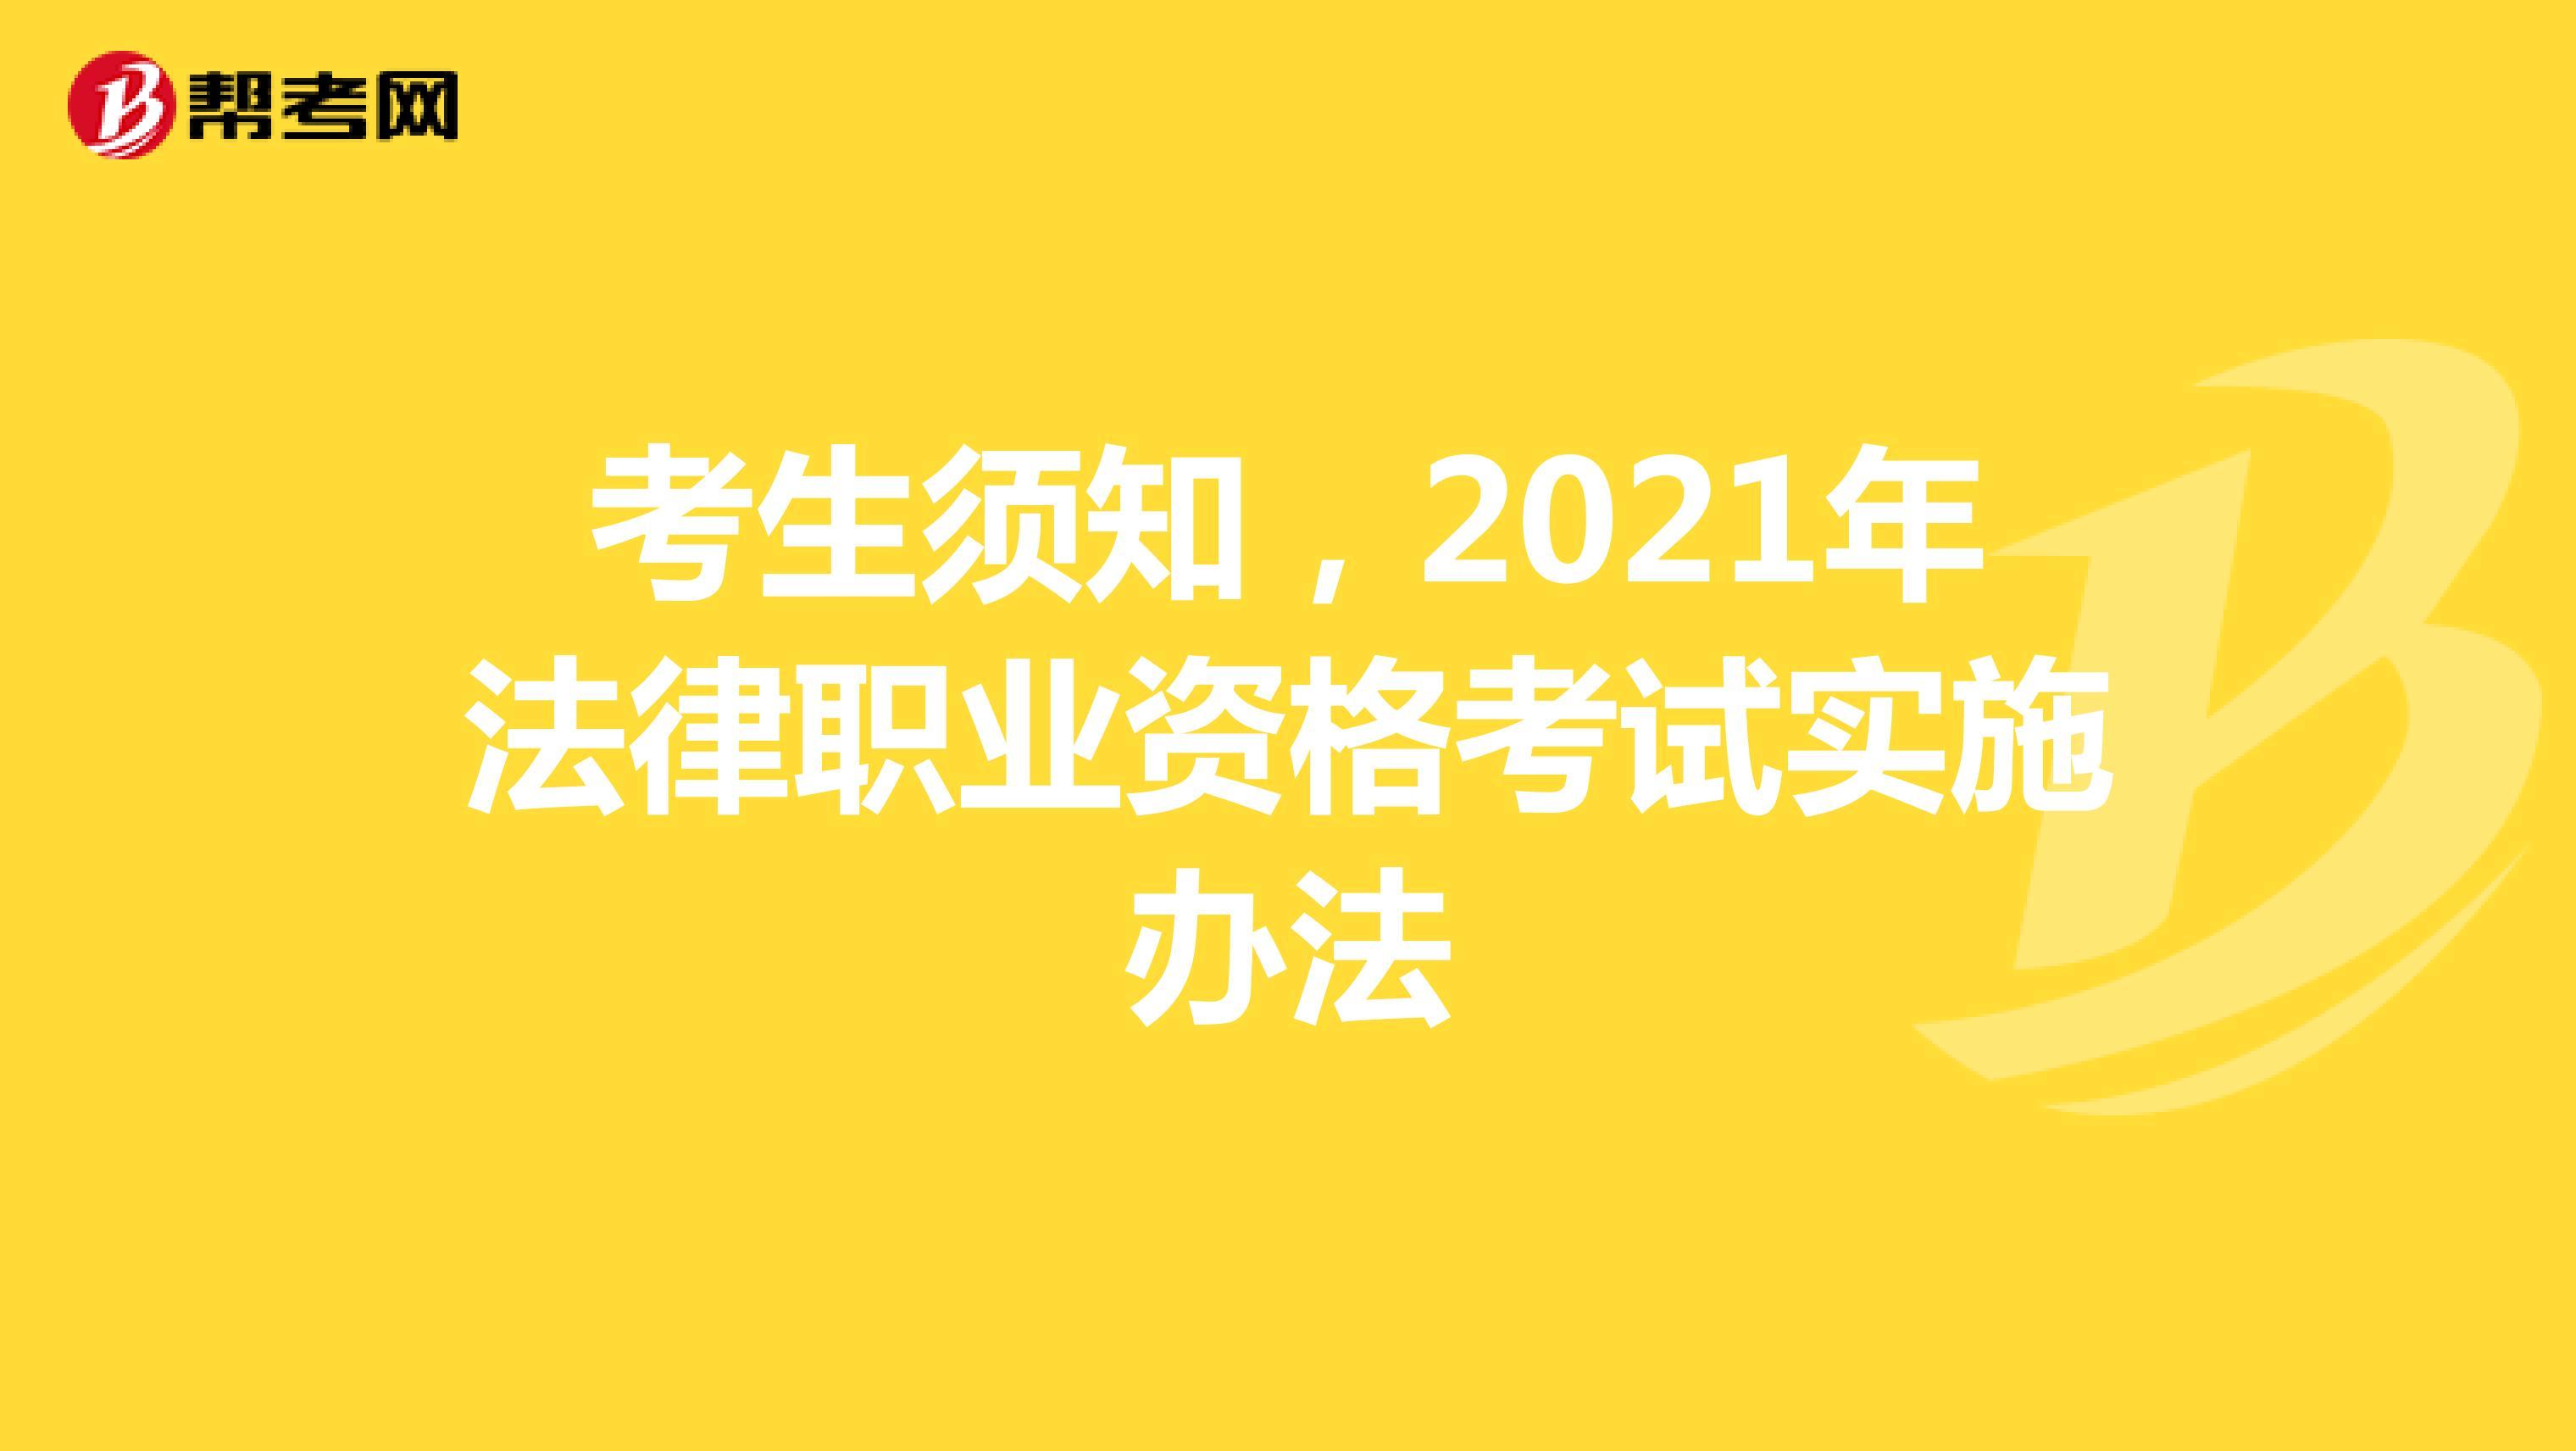 考生須知,2021年法律職業資格考試實施辦法